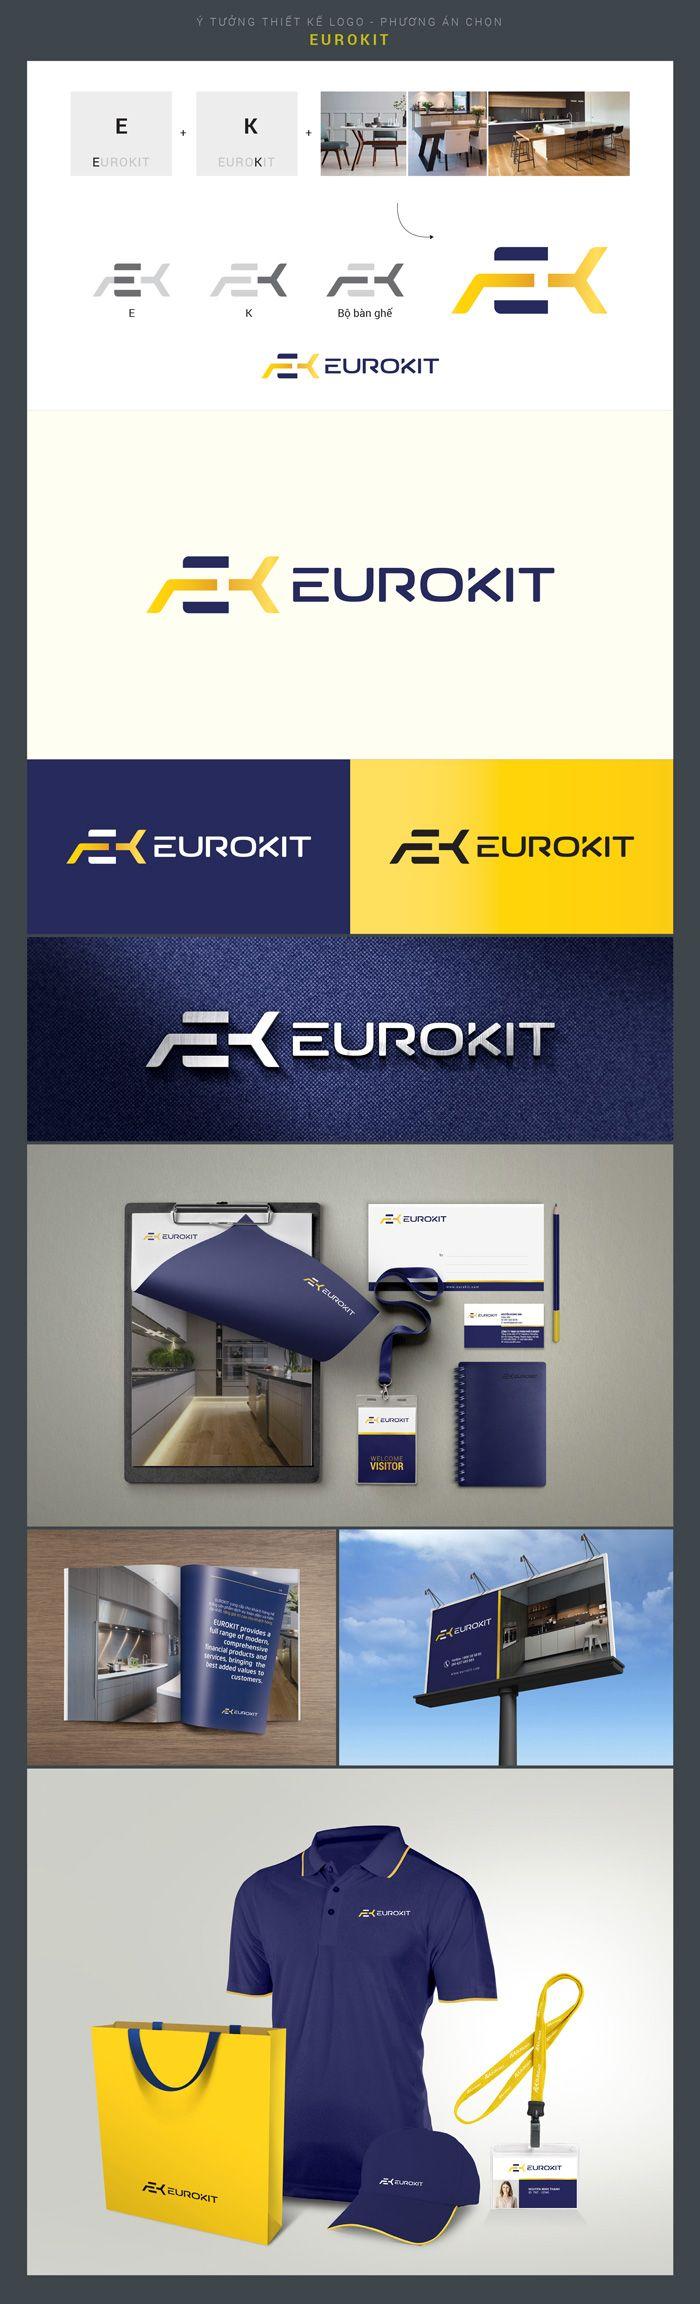 phương án Logo Eurokit chọn